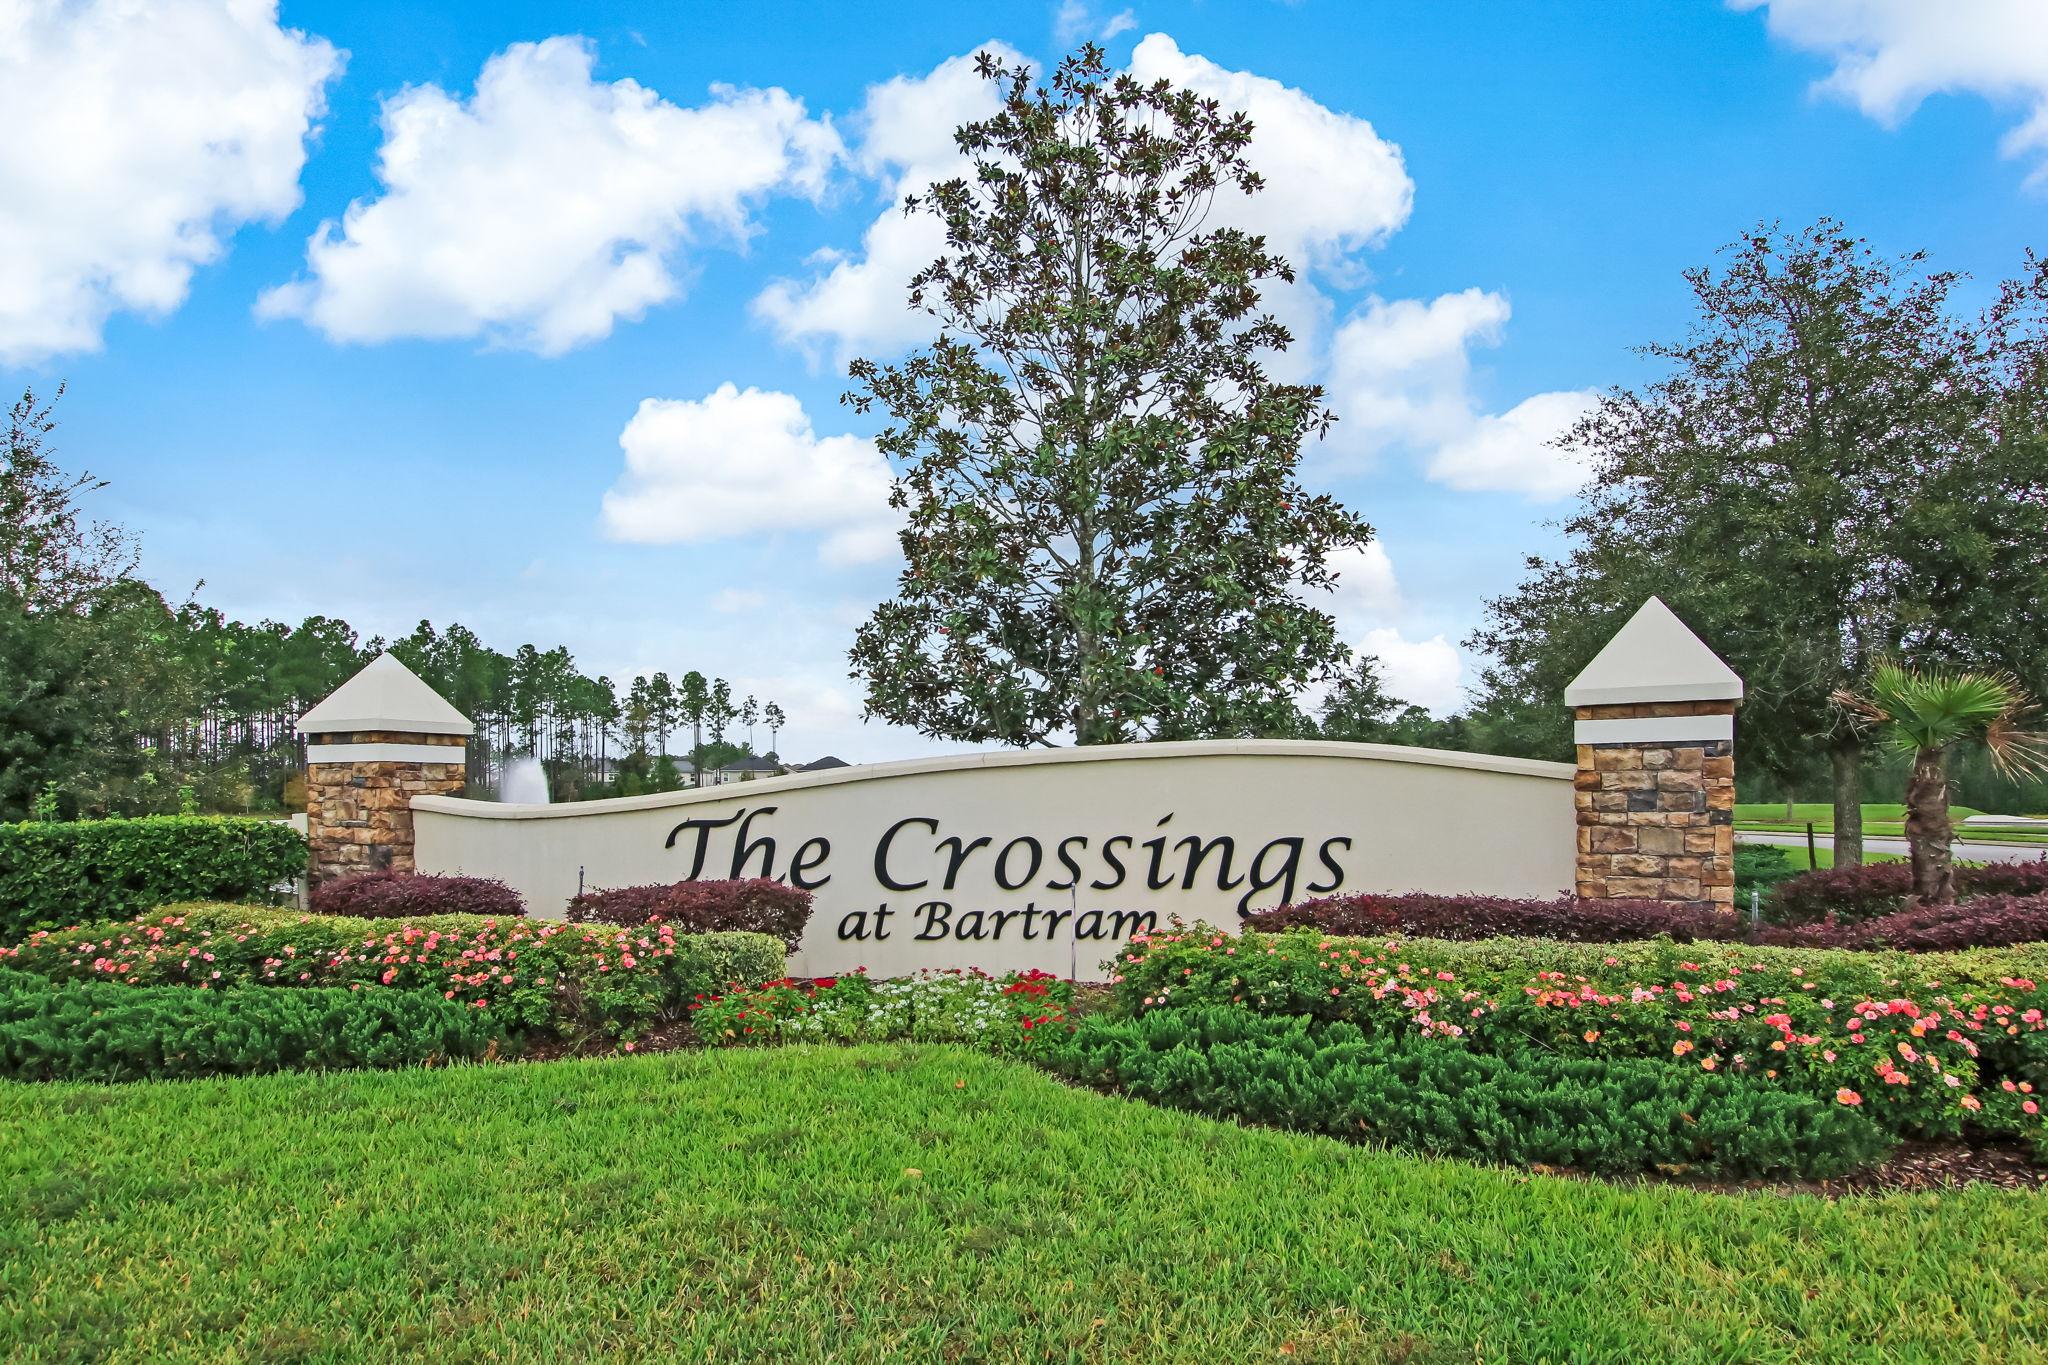 The Crossings at Bartram